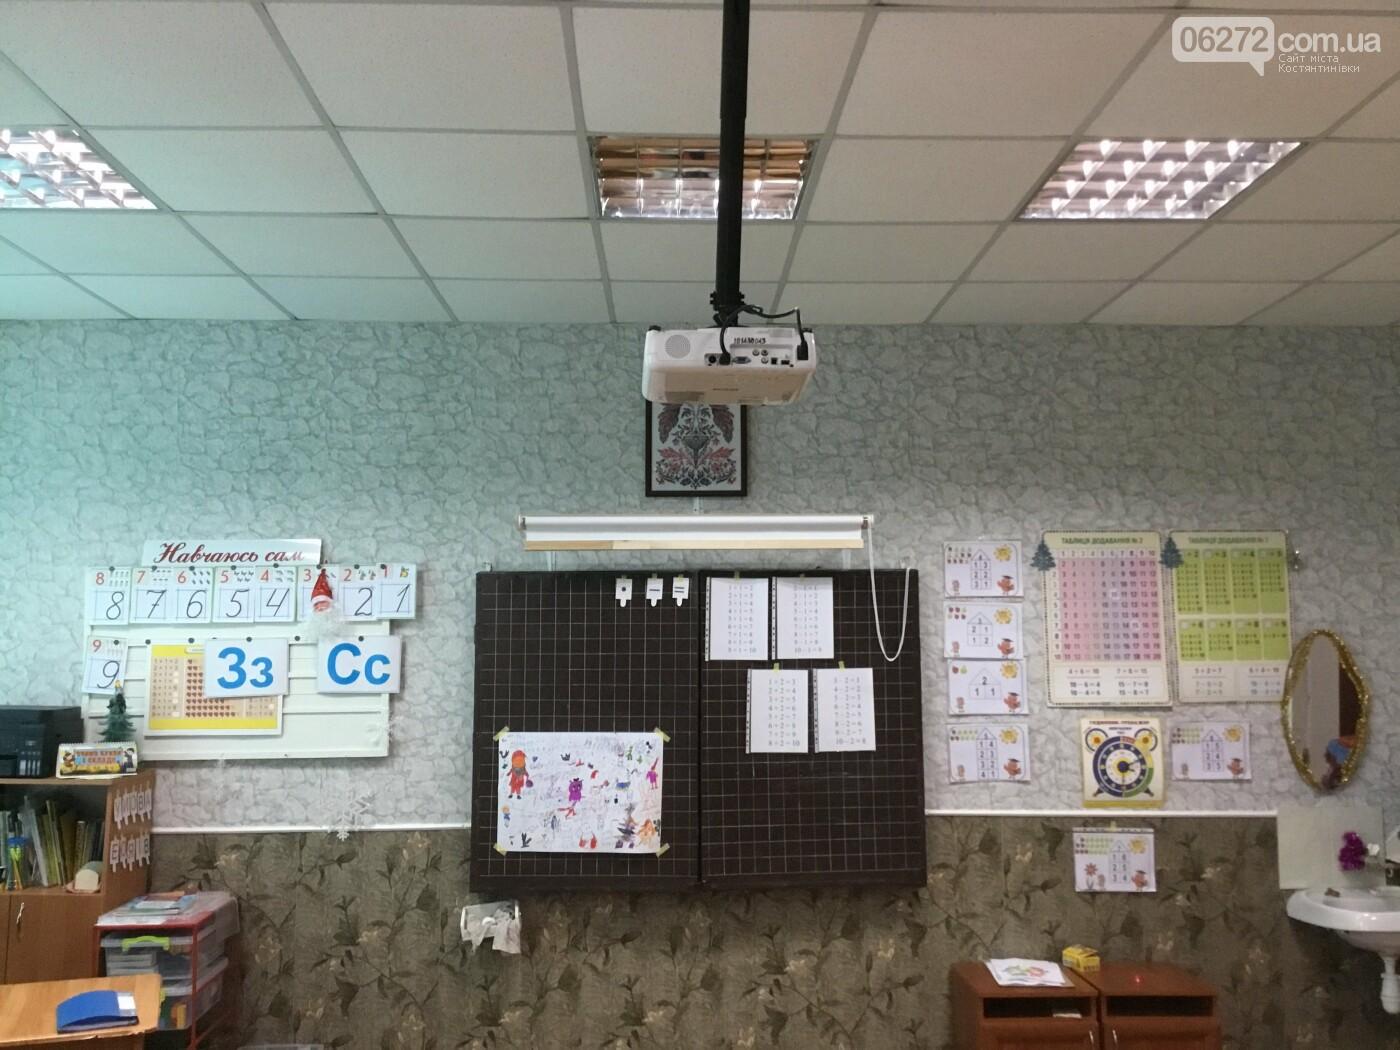 Костянтинівські школи отримали одномісні парти для першокласників, фото-5